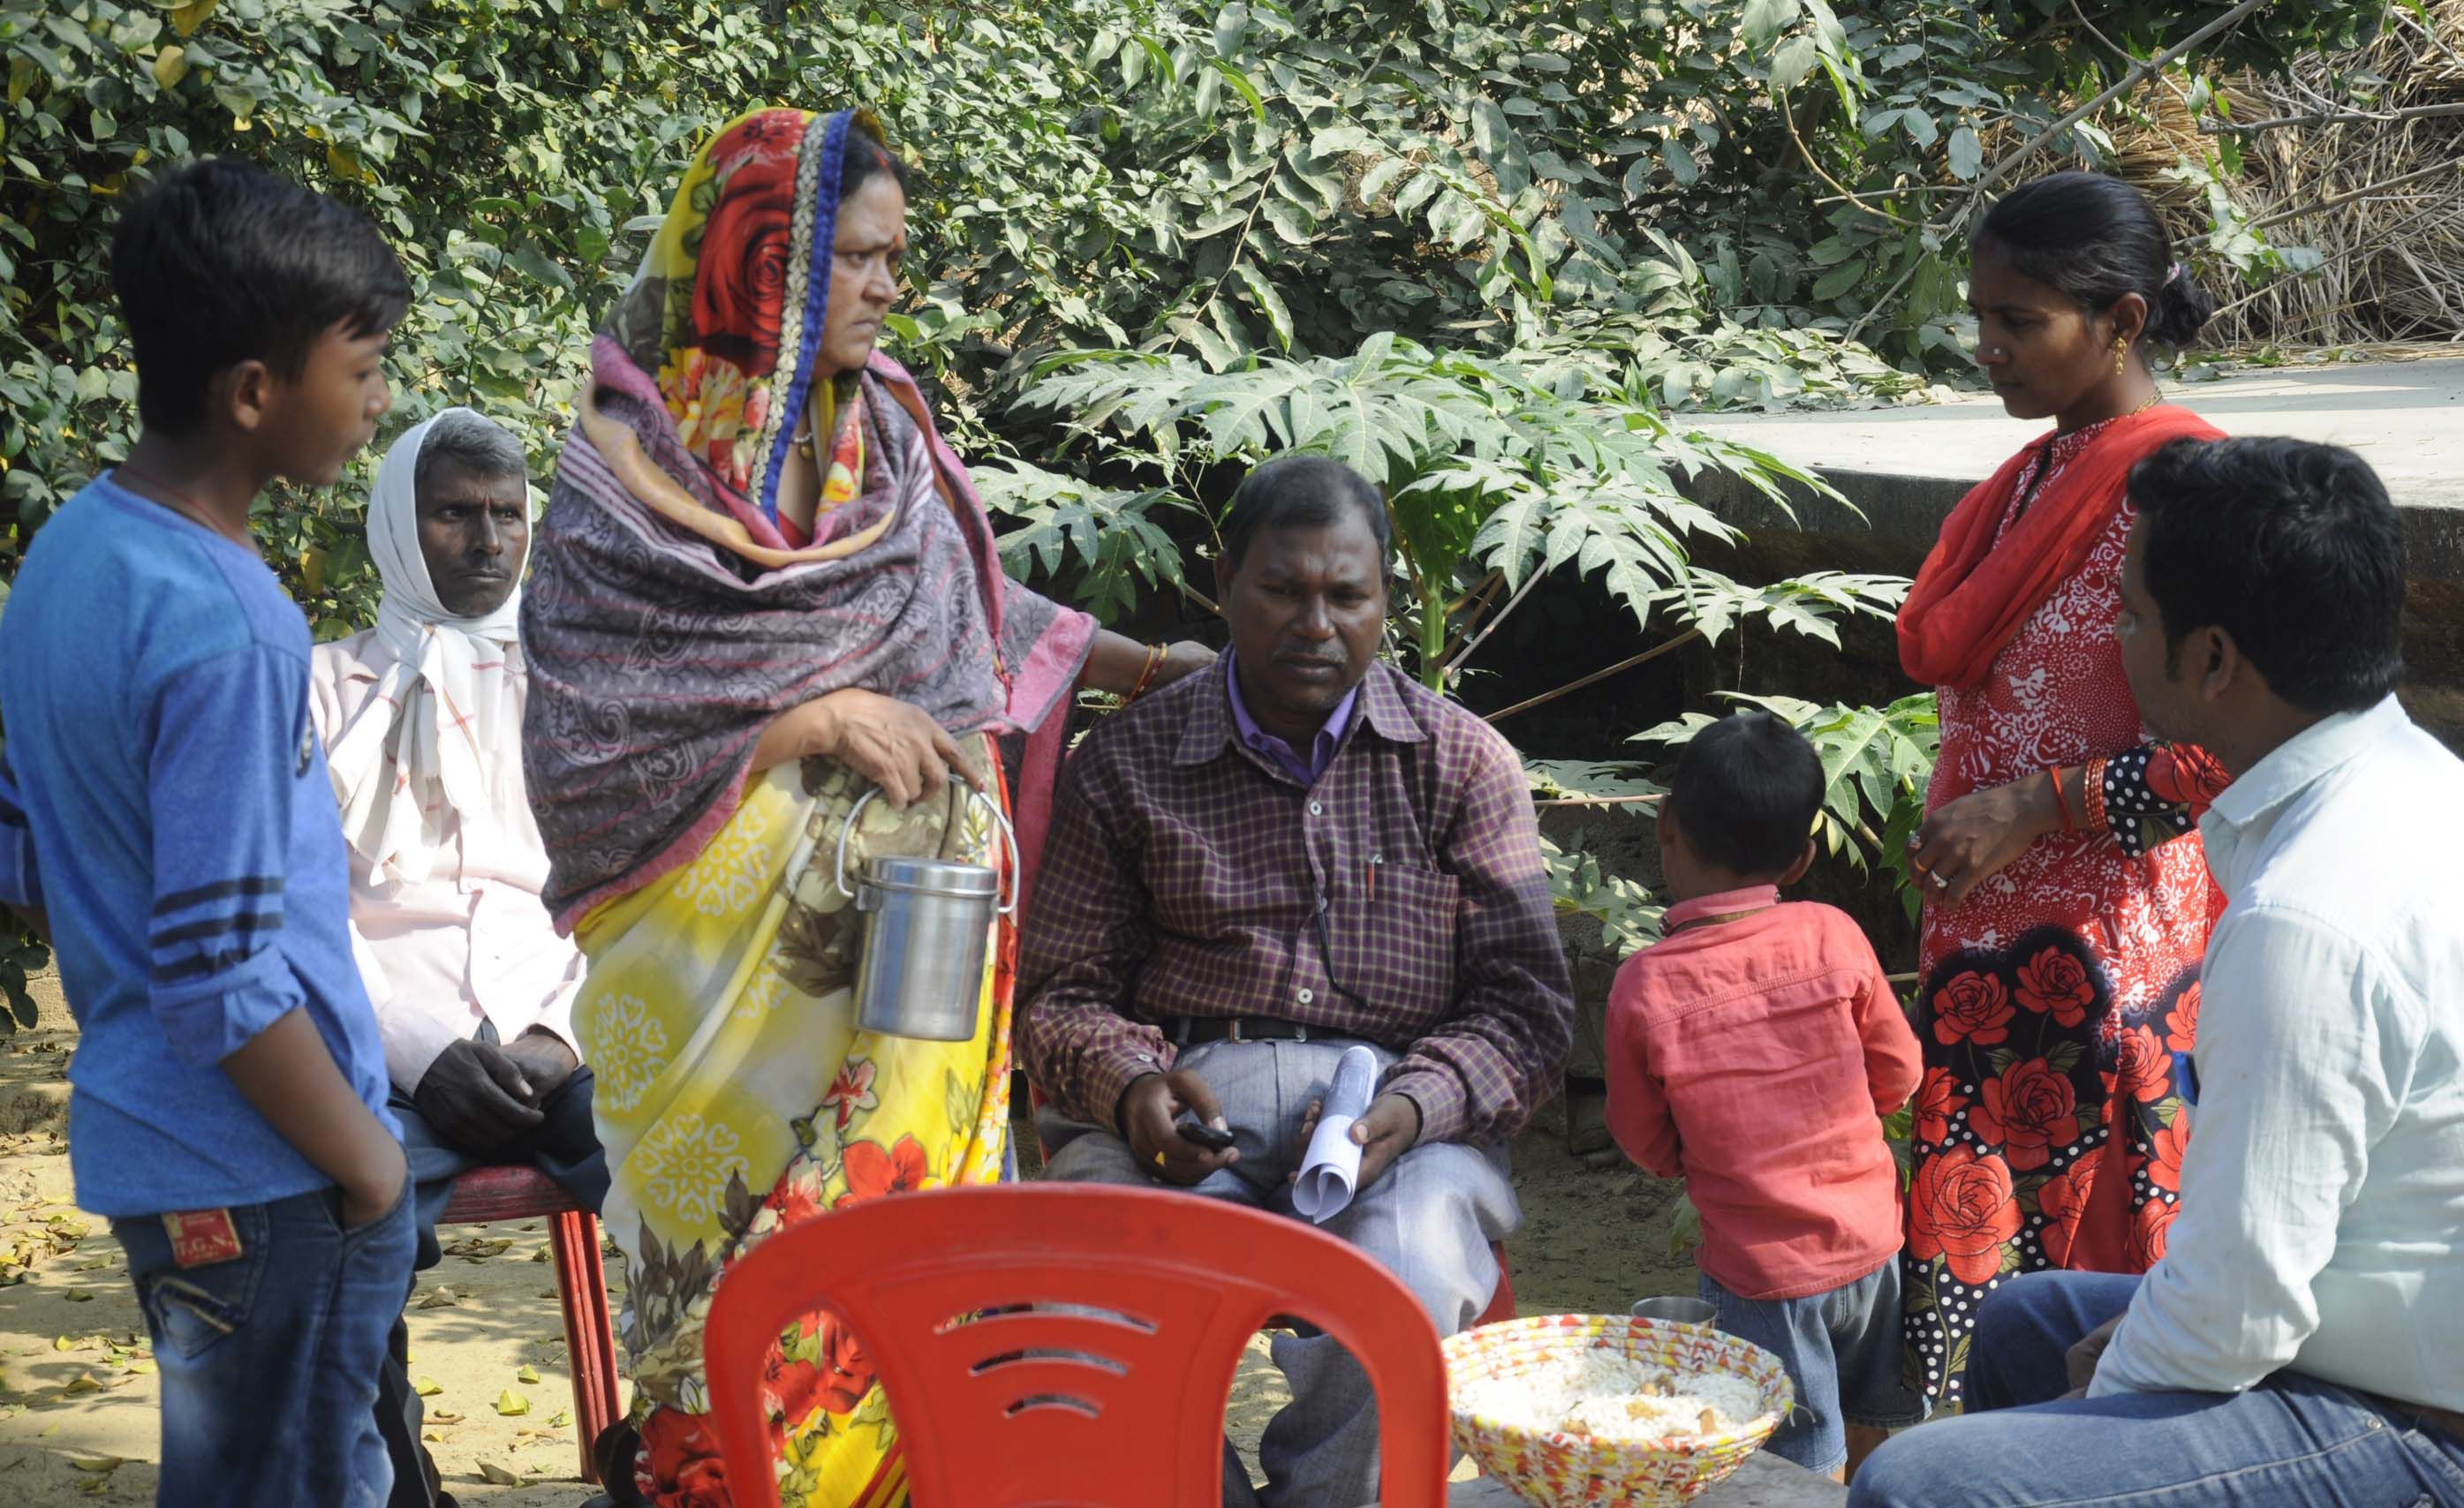 नगर कोतवाली के चकबनतोड़ गांव में मृत बहनों के गमगीन पिता को समझाते परिवार के लोग।